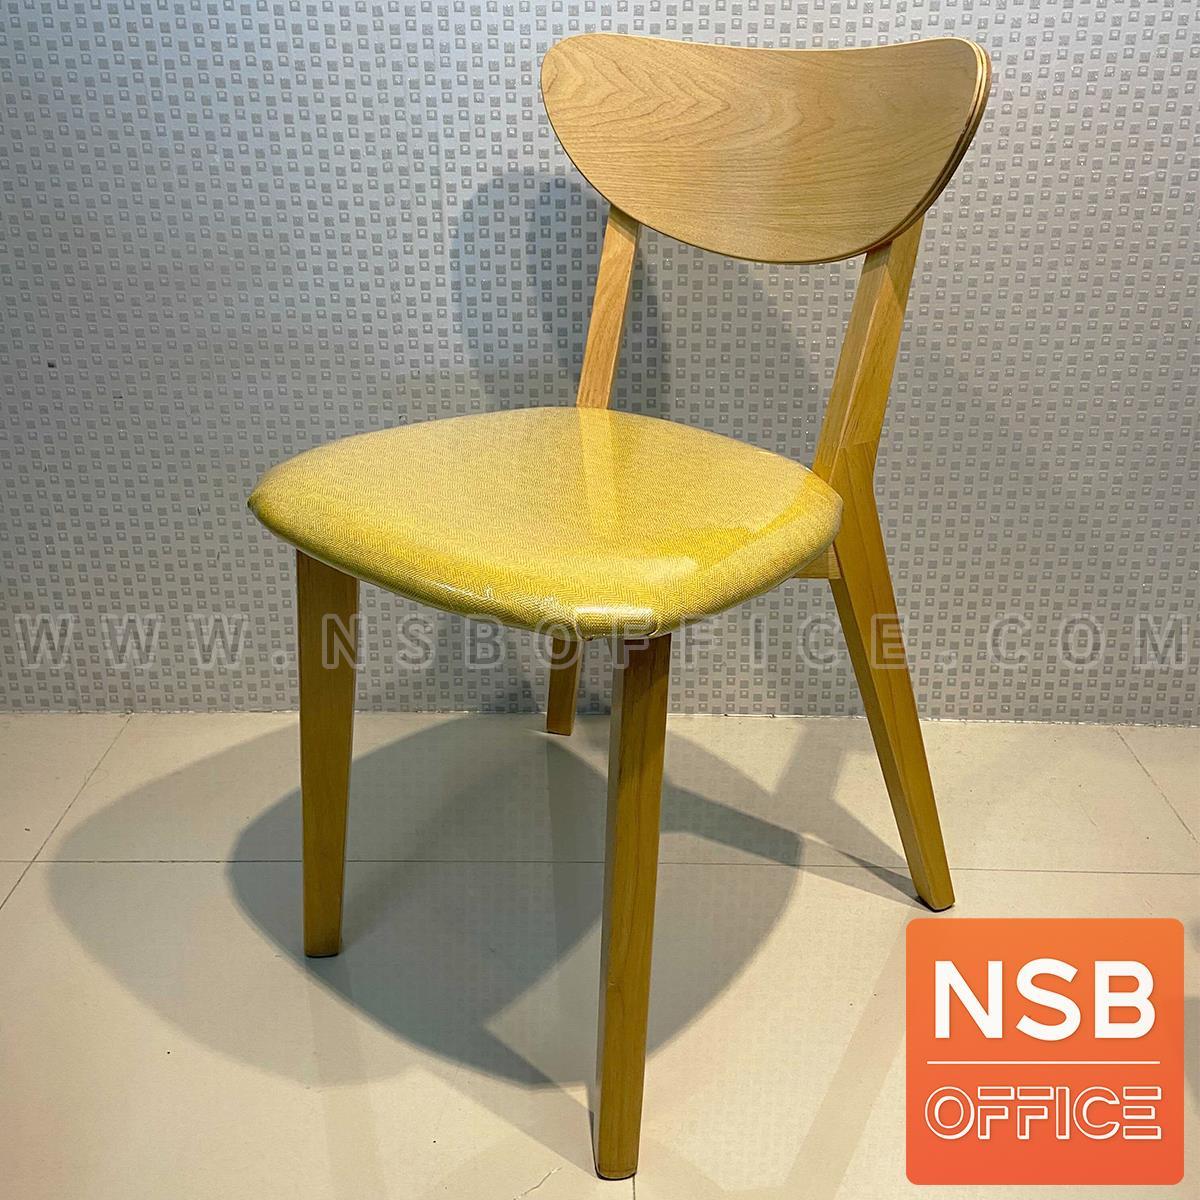 B22A185:เก้าอี้รับประทานอาหาร ขาไม้จริง รุ่น  Blackburn (แบล็กเบิร์น)  ขนาด 46W cm เบาะหุ้มหนังเทียม